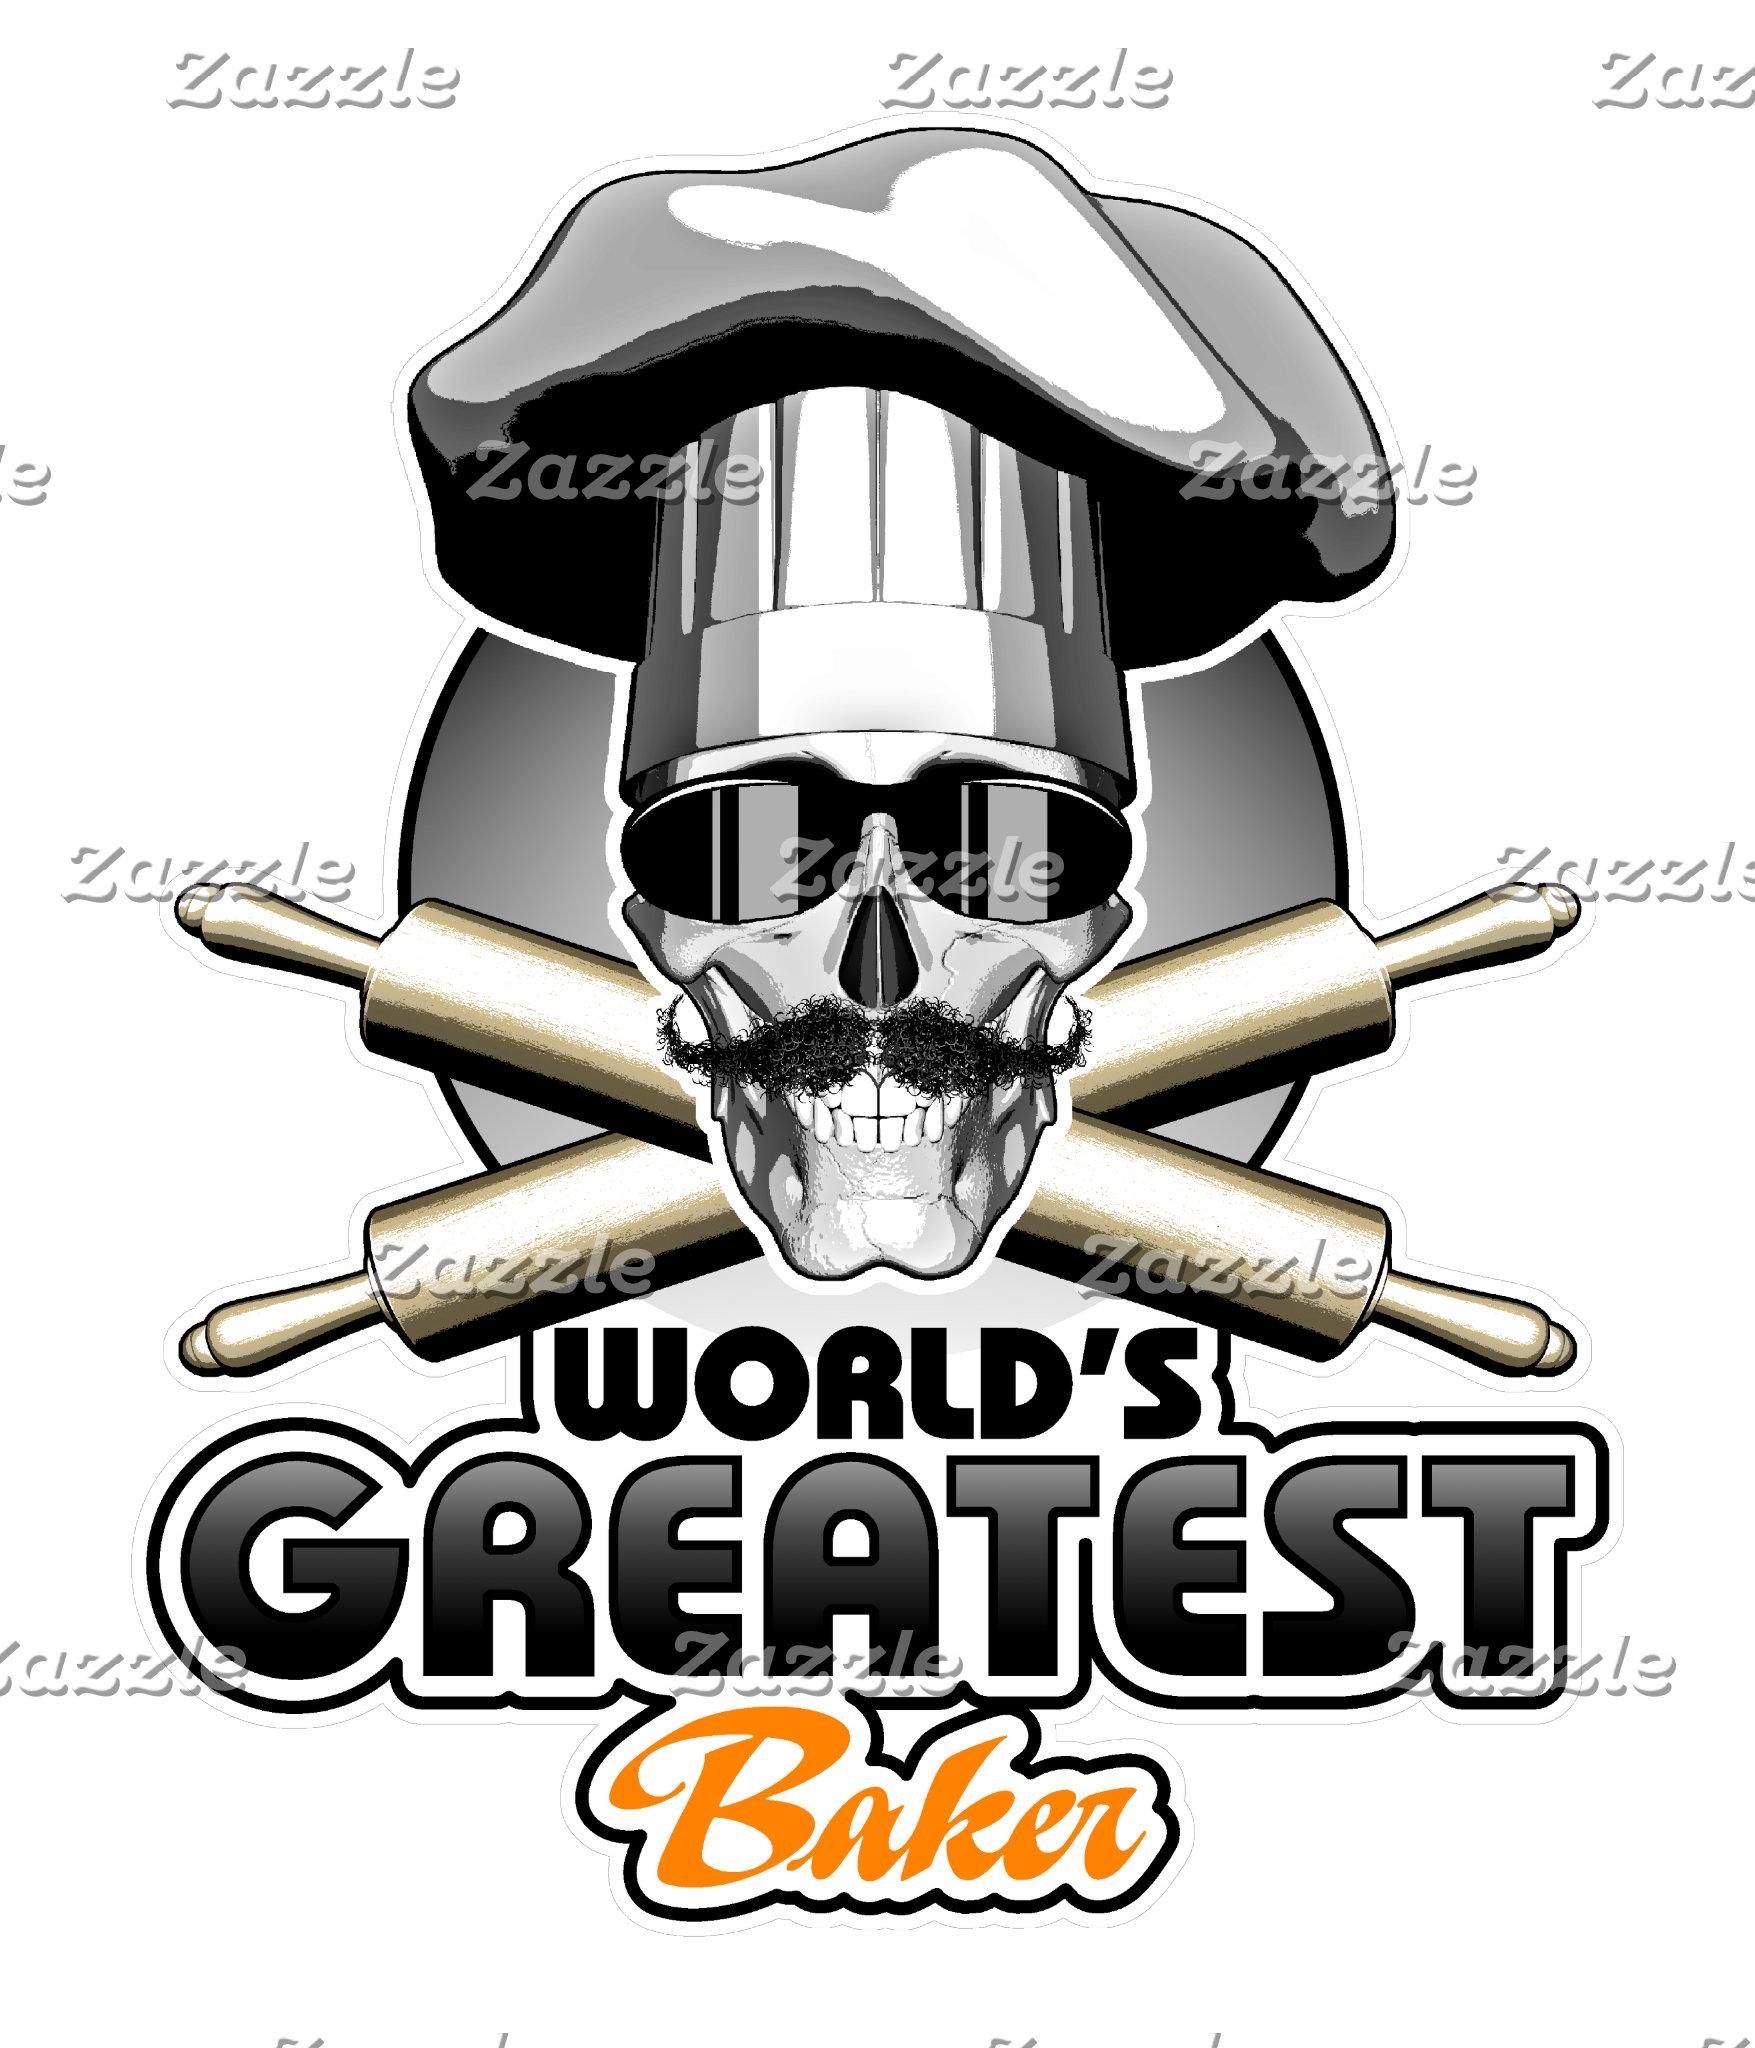 World's Greatest Baker v4